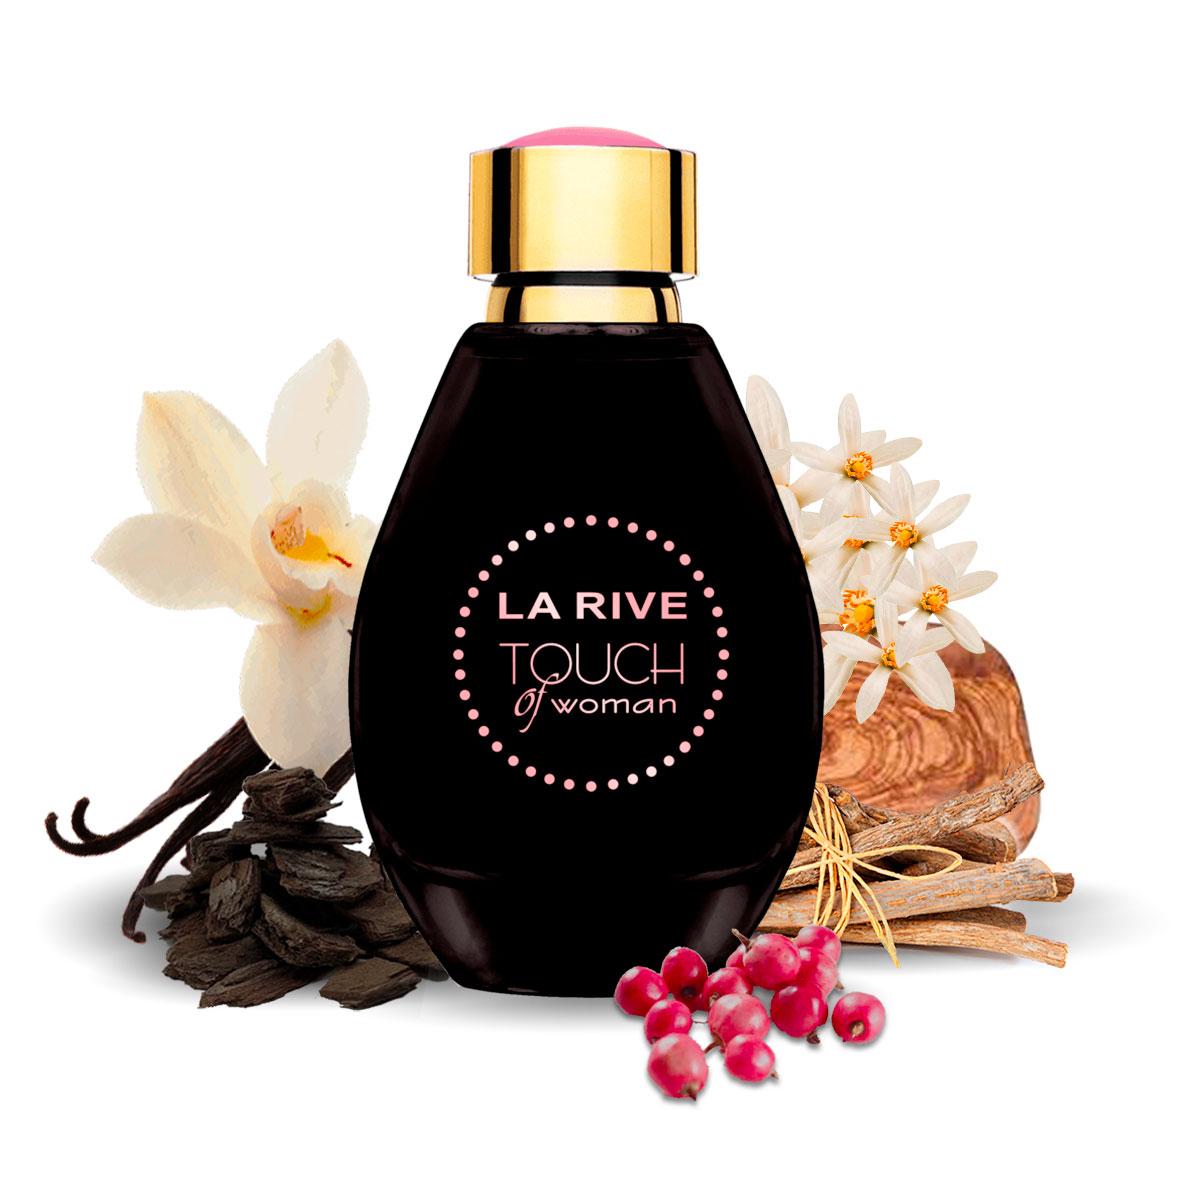 Kit 2 Perfumes Importados Cash Man e Touch of Woman La Rive